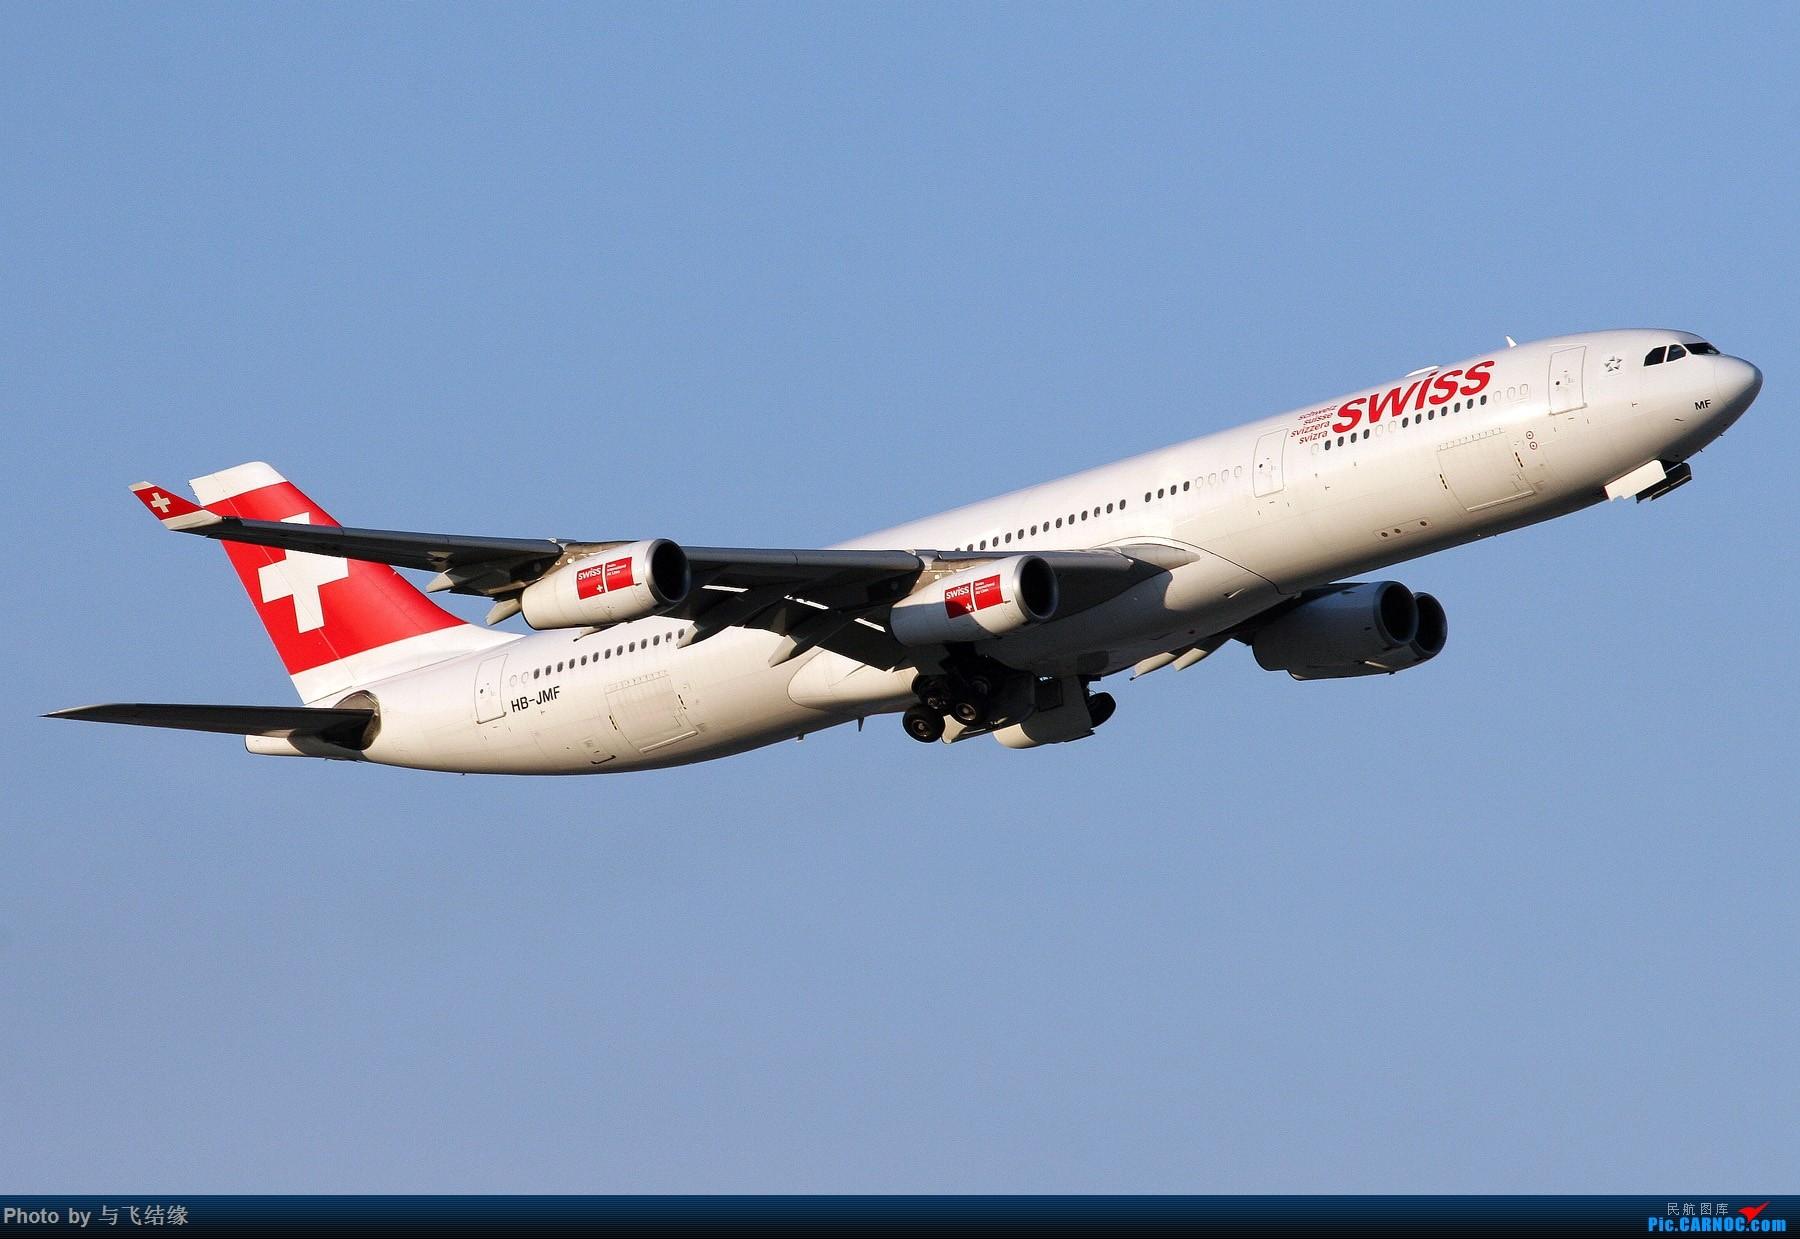 Re:[原创]现在的,过去的。在PEK的那些Airbus A340-300(航班)! AIRBUS A340-300 HB-JMF 中国北京首都国际机场